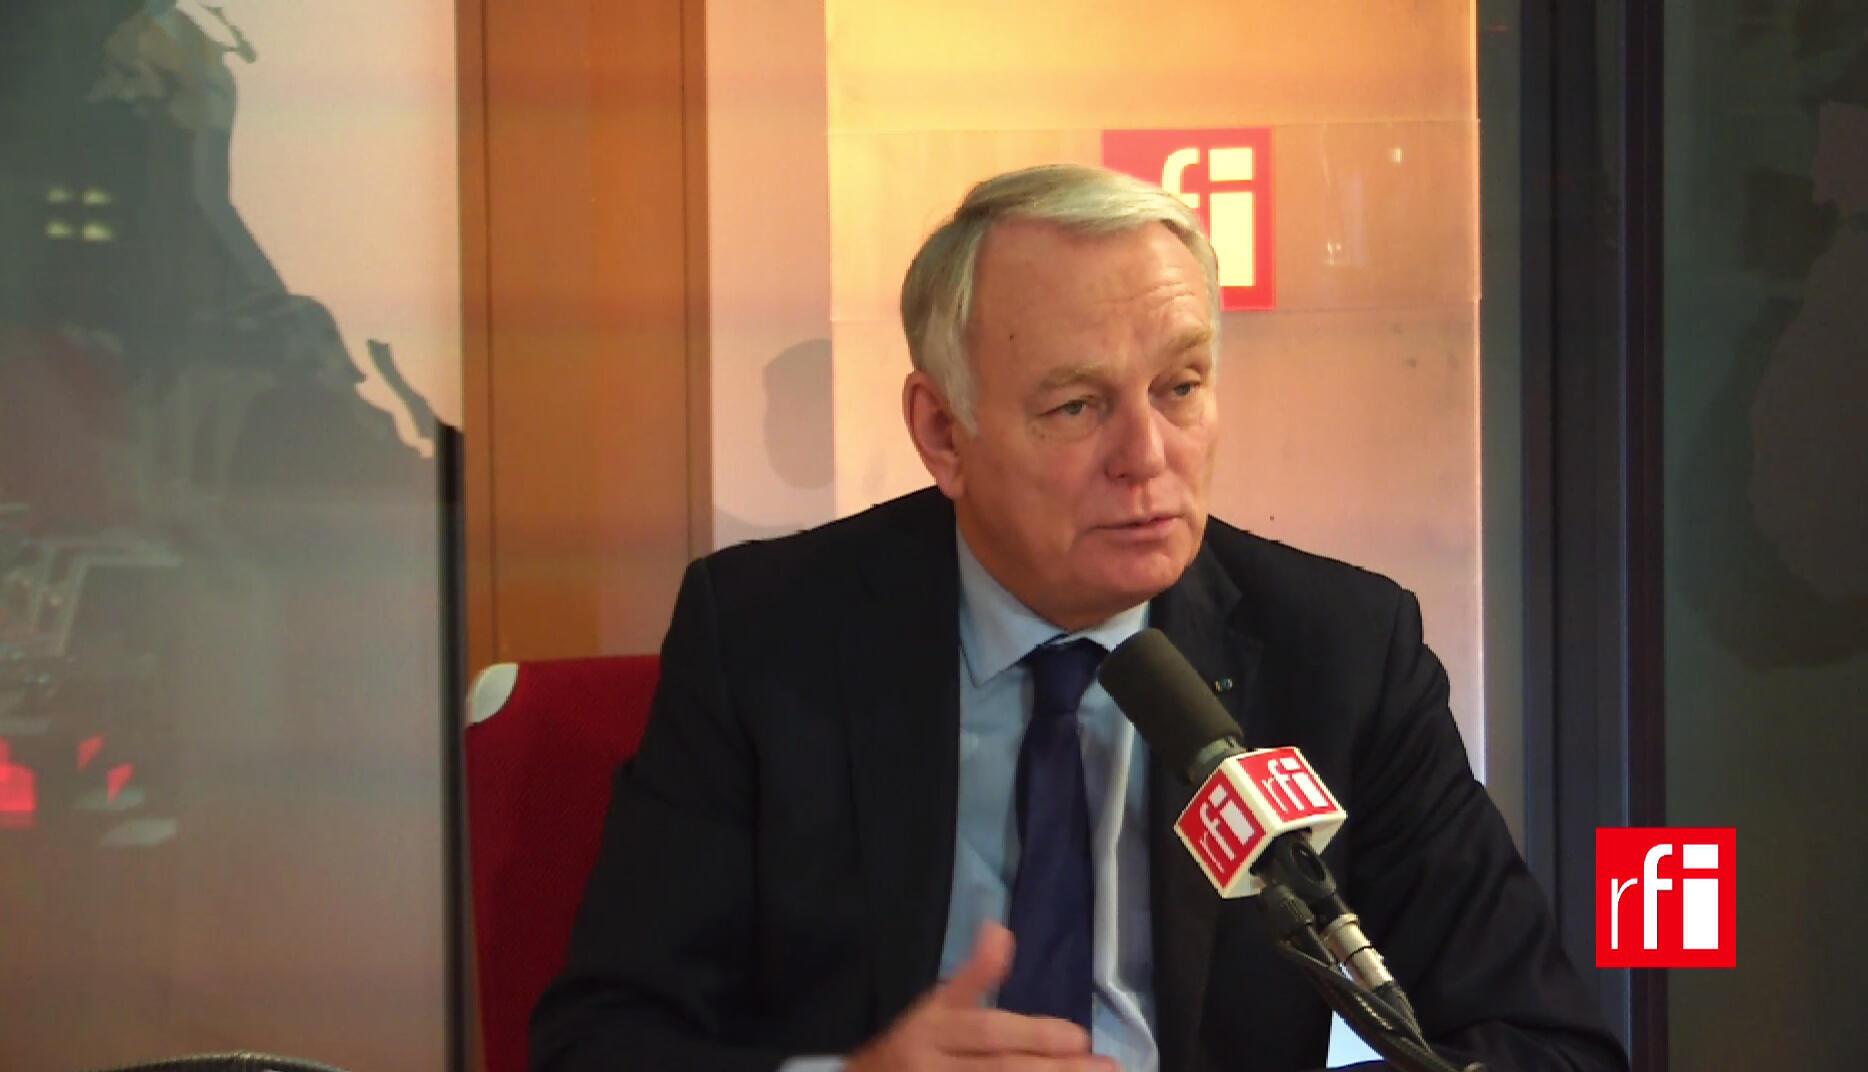 Глава МИД Франции Жан-Марк Эро в студии RFI 6 декабря 2016